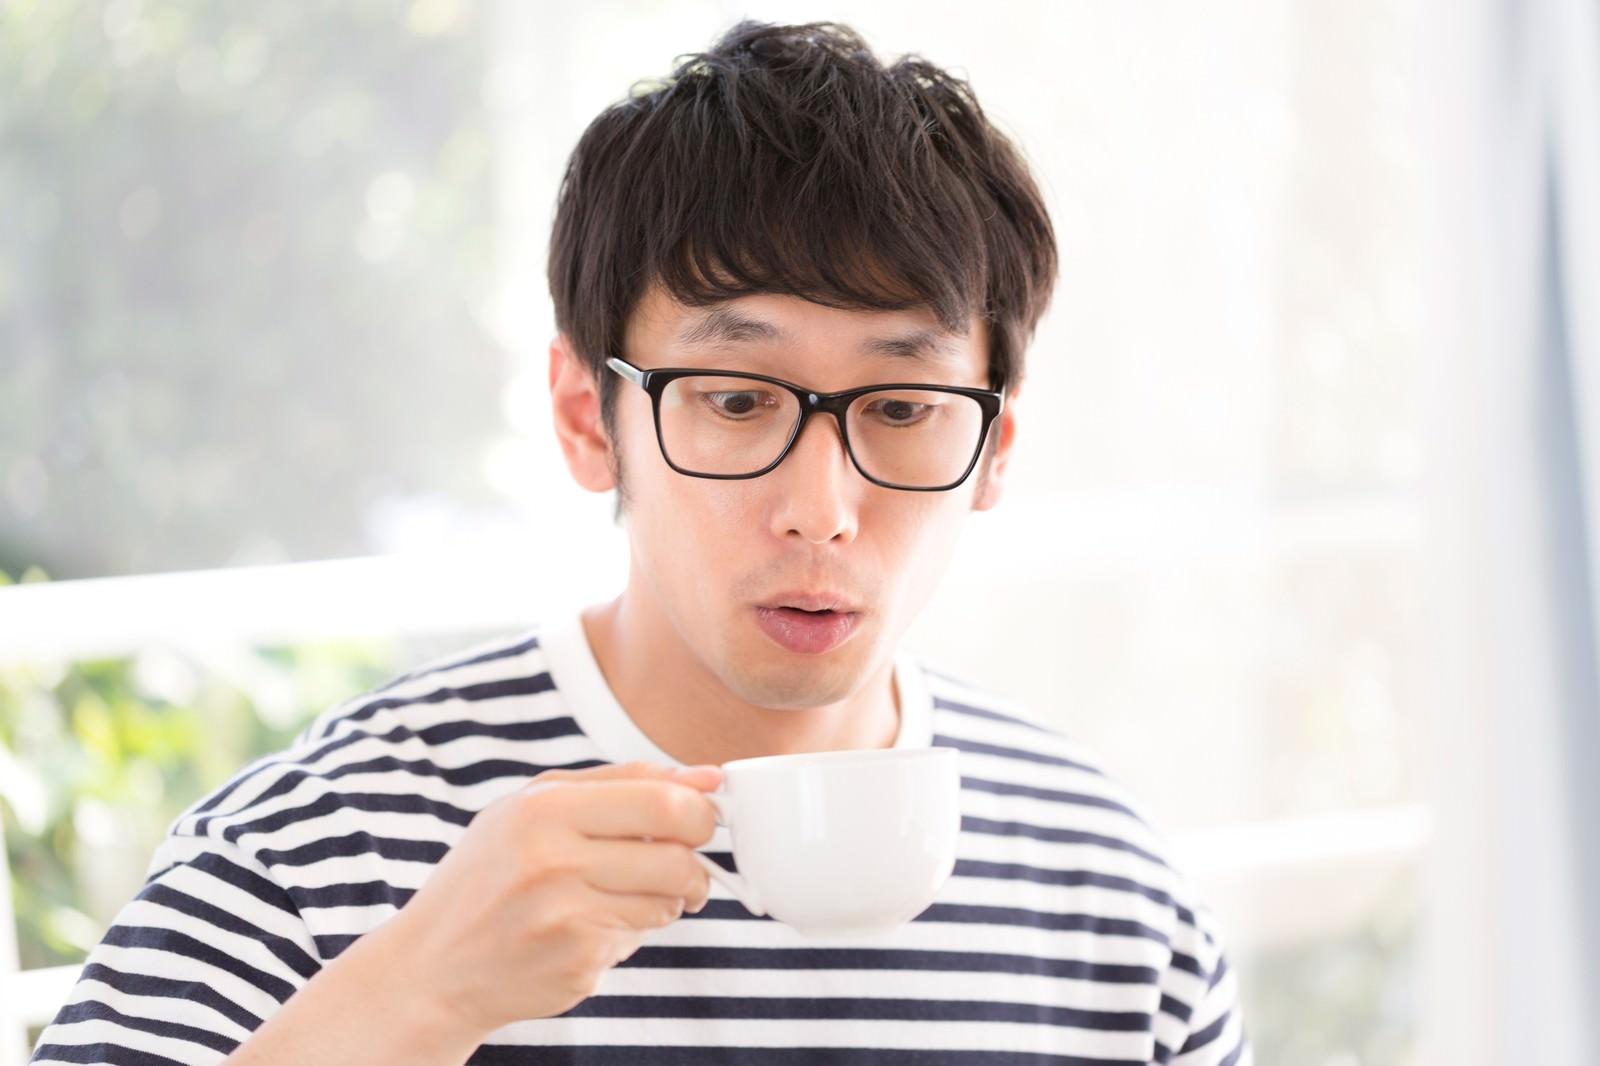 「サードウェーブコーヒーの美味しさに驚くアーリーアダプターサードウェーブコーヒーの美味しさに驚くアーリーアダプター」[モデル:大川竜弥]のフリー写真素材を拡大